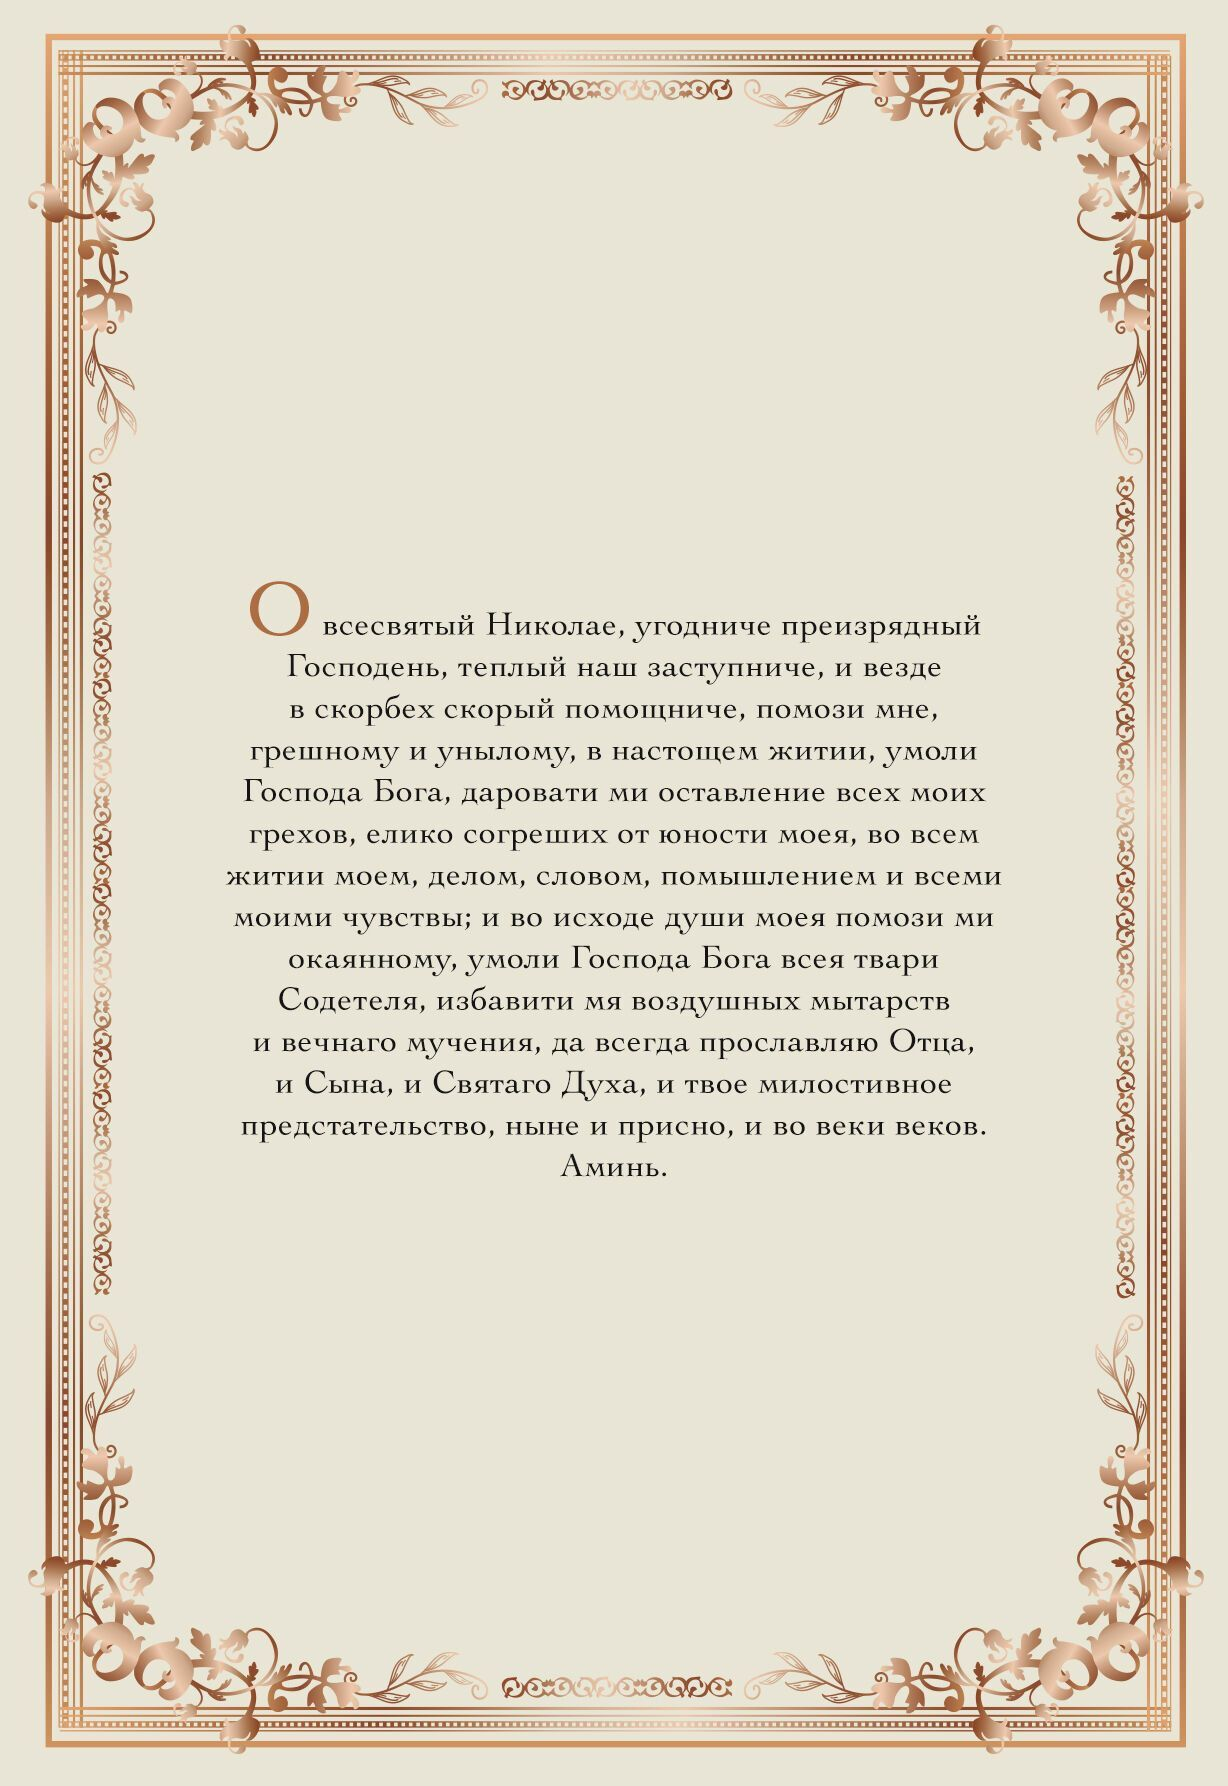 Молитва святому Миколаю